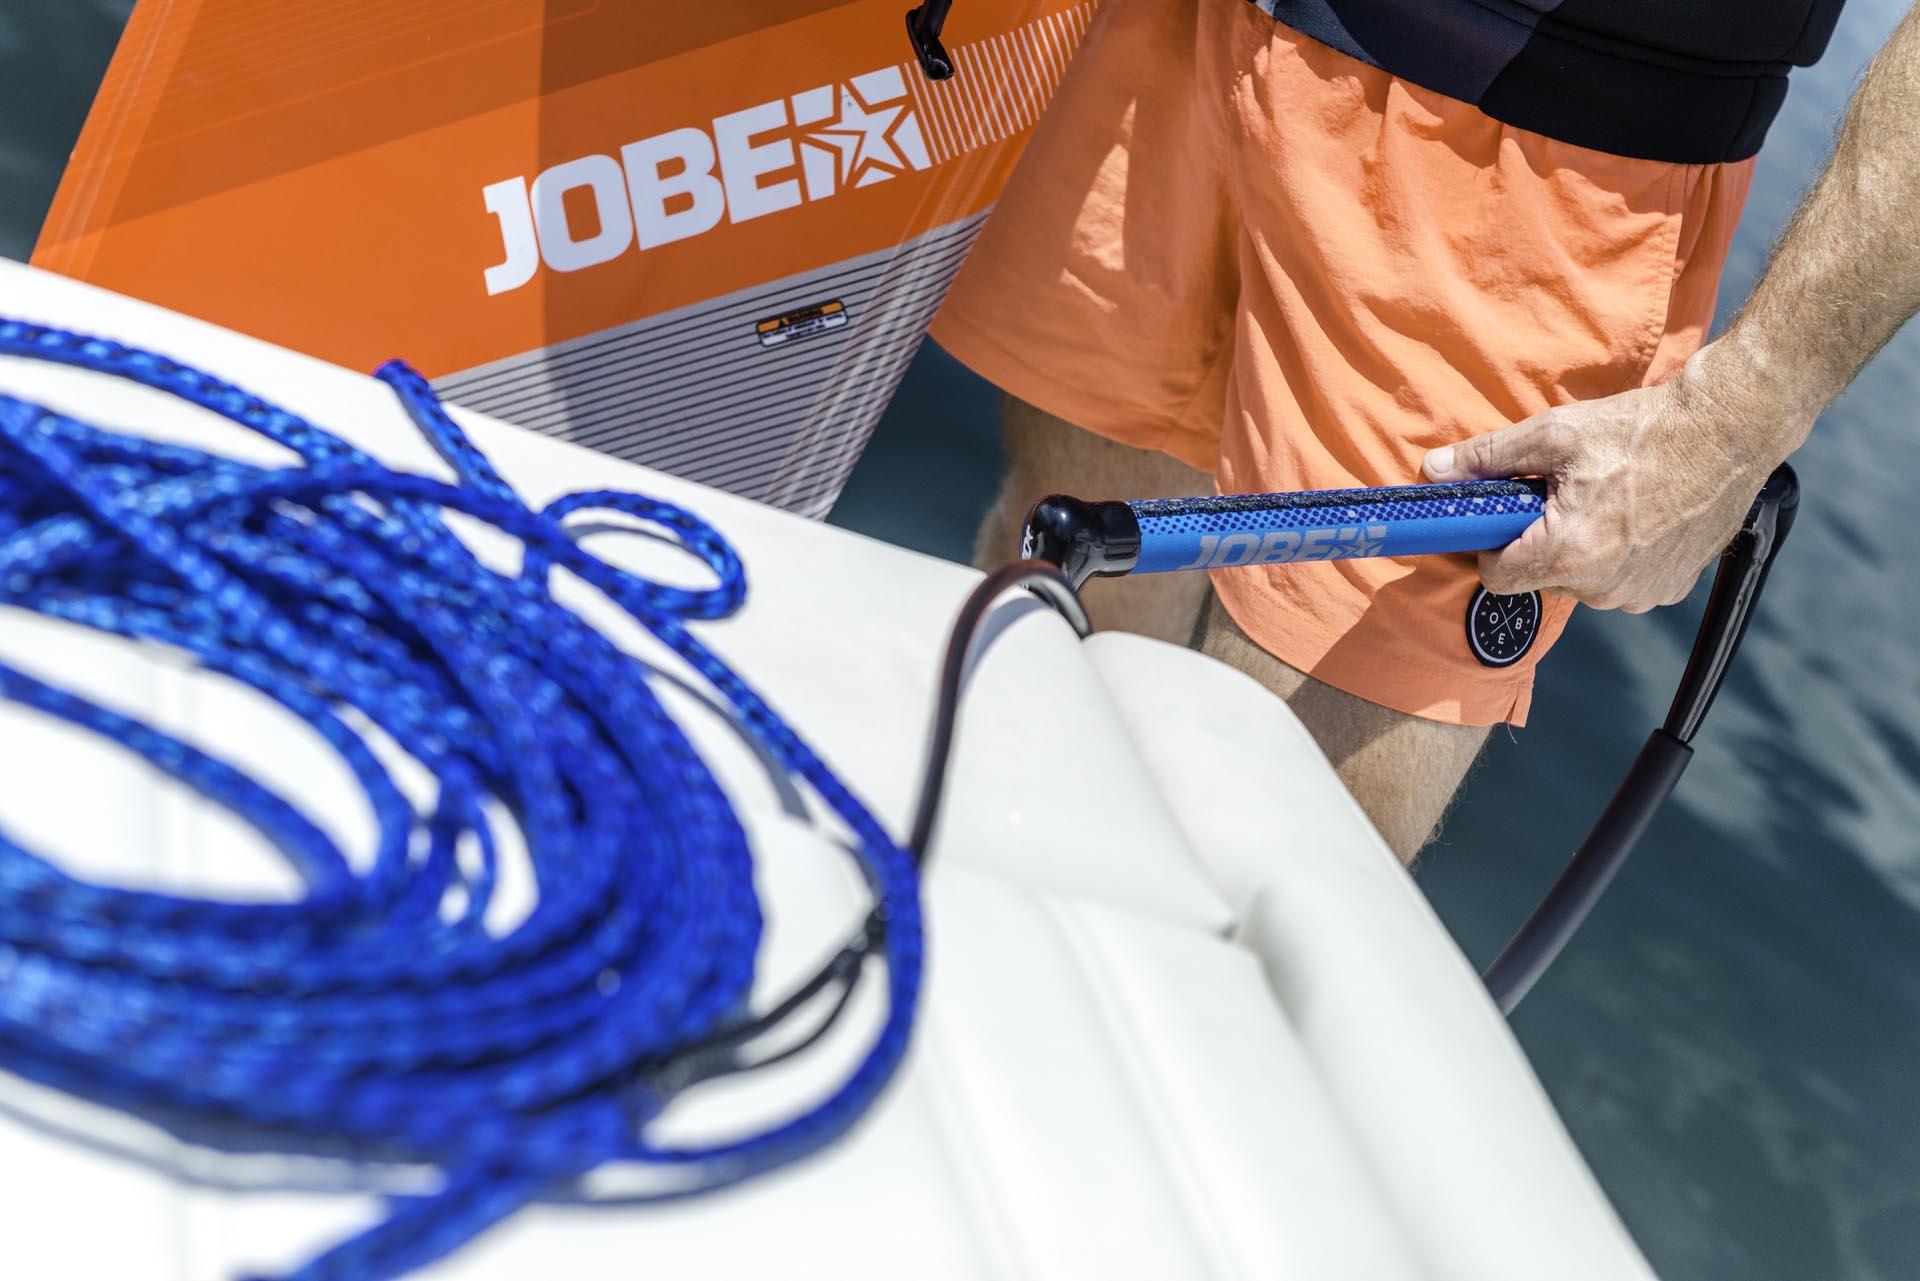 Jobe Wake Combo Elite Wakeboard Handle